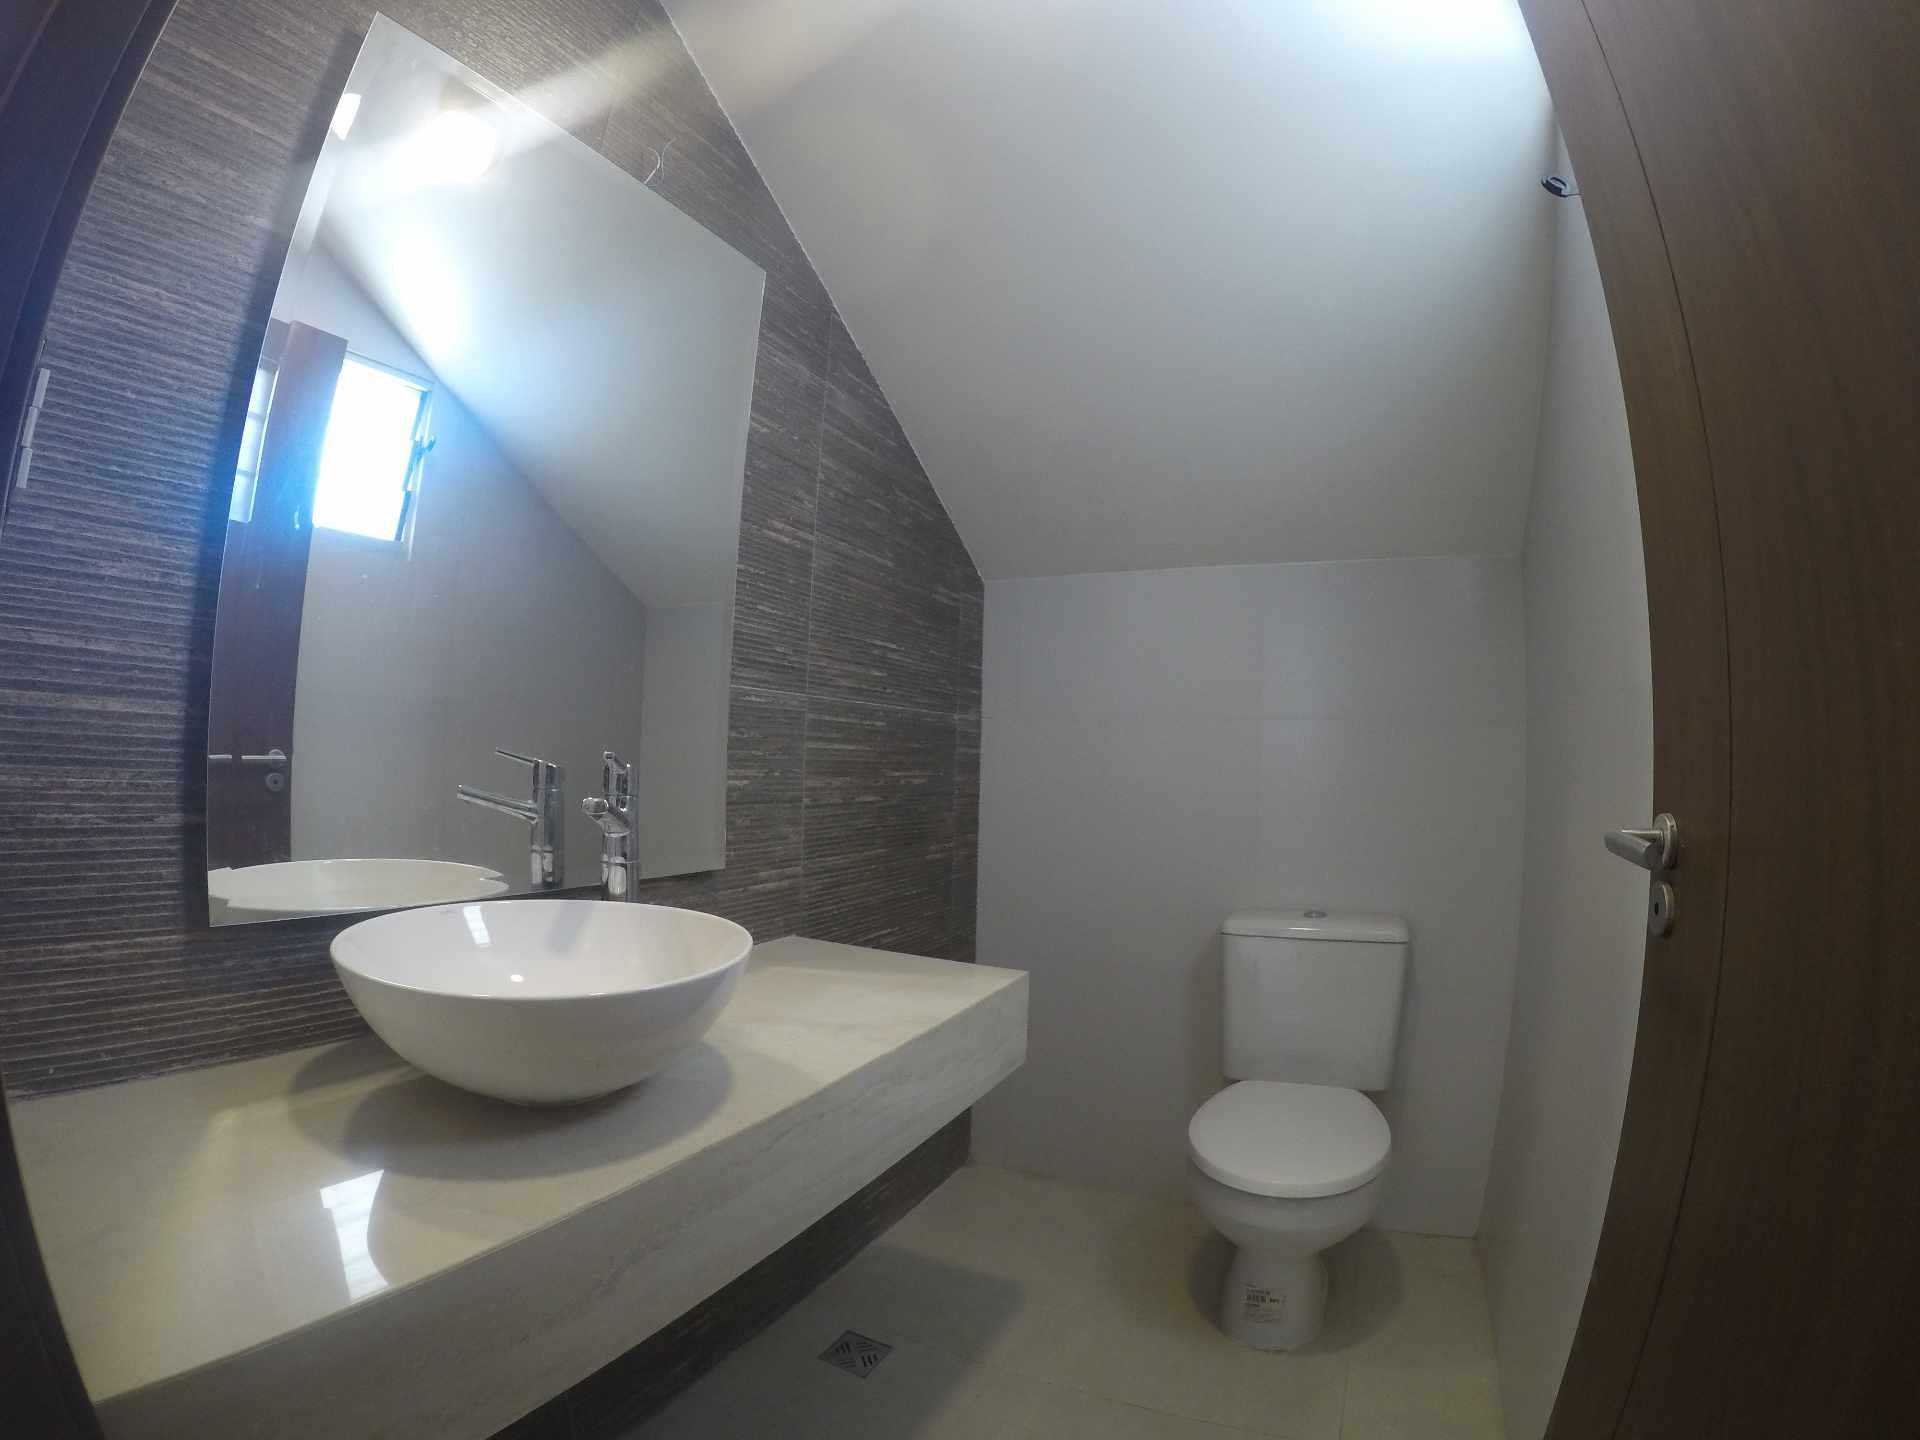 Casa en Alquiler Casa independiente en alquiler a estrenar, próximo a Parque Los Mangales II [Av. Beni y 4to. Anillo], De 3 plantas, 3 dormitorios (2 en suite), con dependencias. [1000$us.] Foto 4